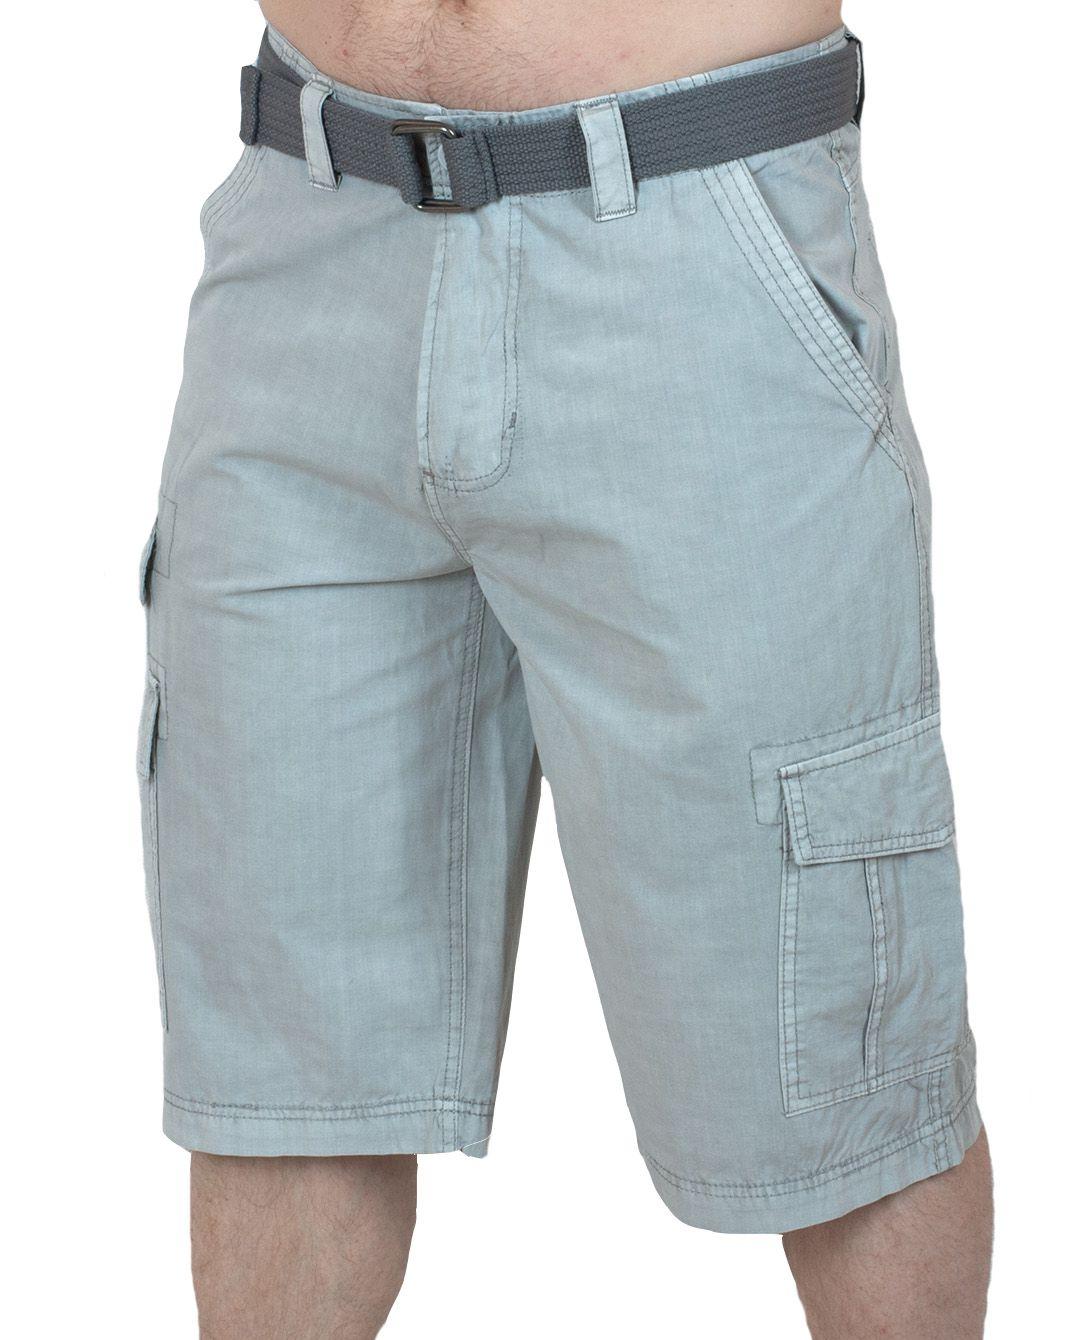 Светлые мужские шорты Carbon - вид спереди